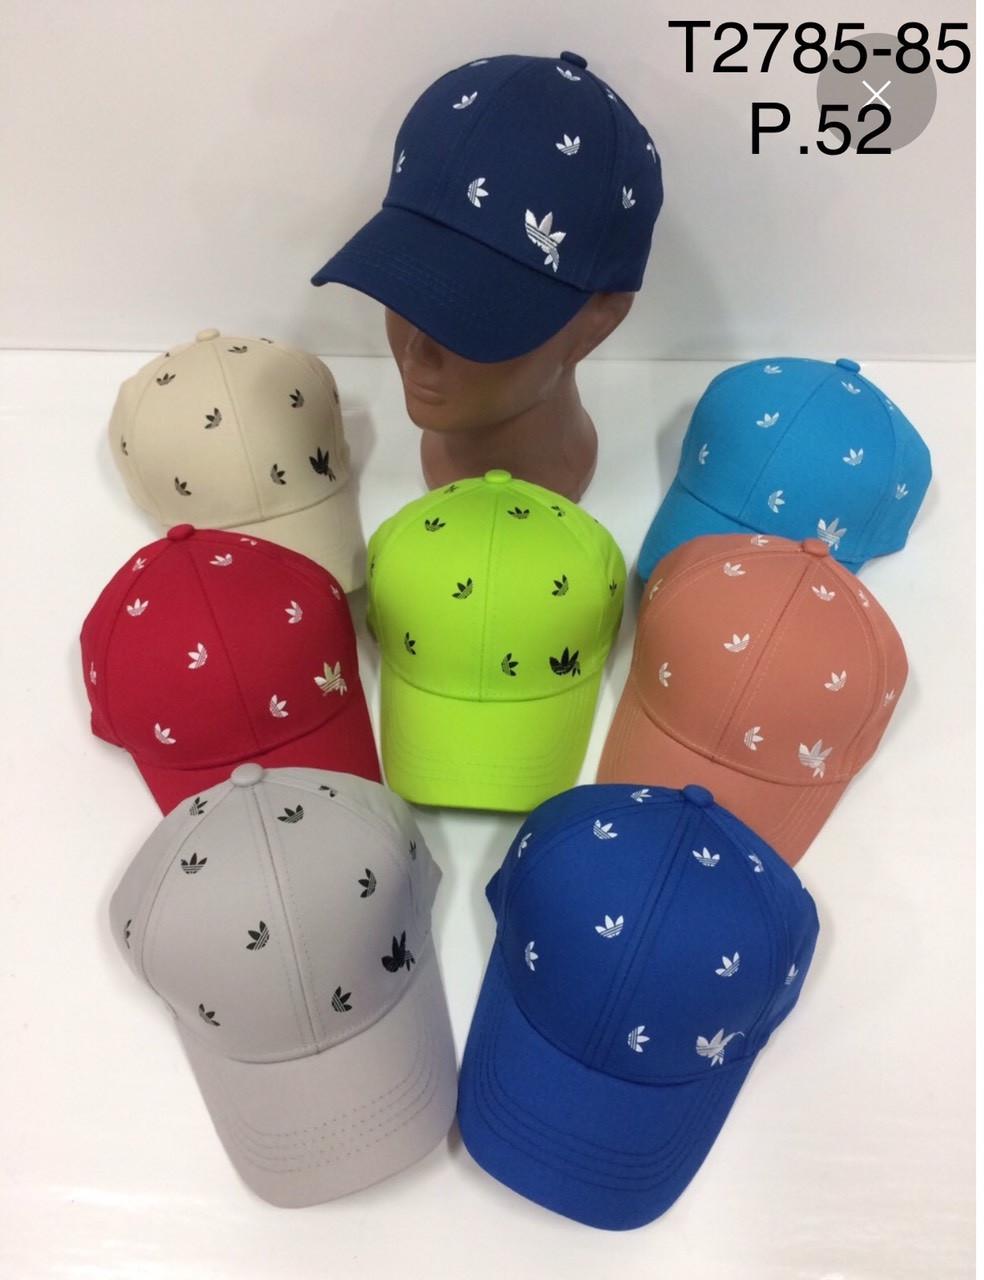 Спортивна кепка для хлопчика Adidas р. 52